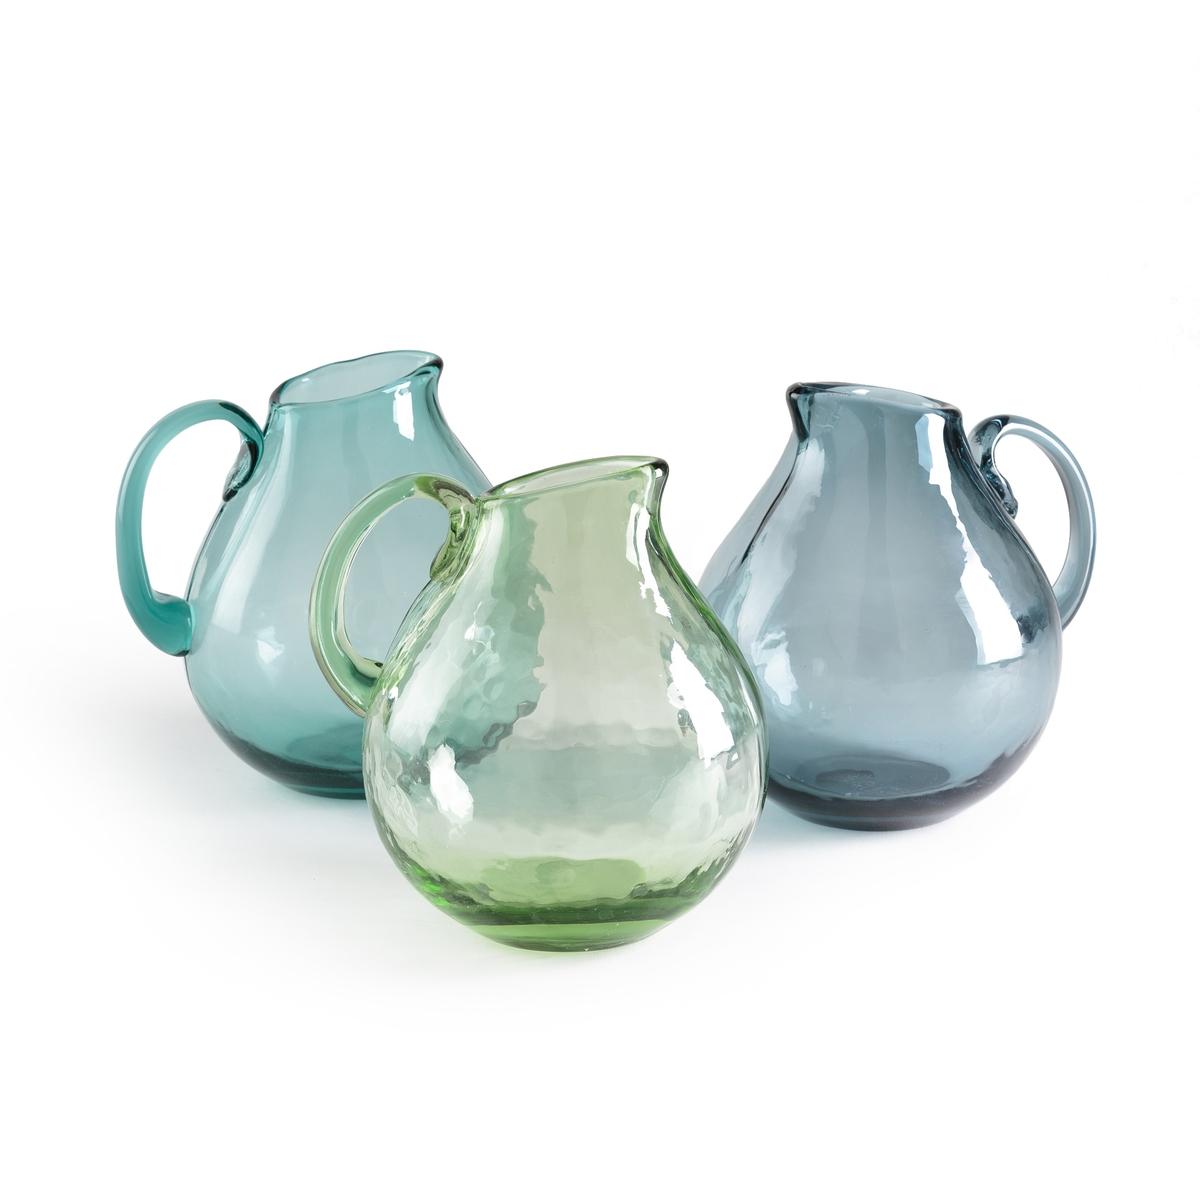 Графин из дутого стекла GalindoГрафин Galindo. Из дутого стекла. Каждое изделие уникально . Подходит для мытья в посудомоечной машине. Размеры  : диаметр 15 x высота 18 см. Объем 1,5 л.<br><br>Цвет: бирюзовый,зеленый,серо-синий